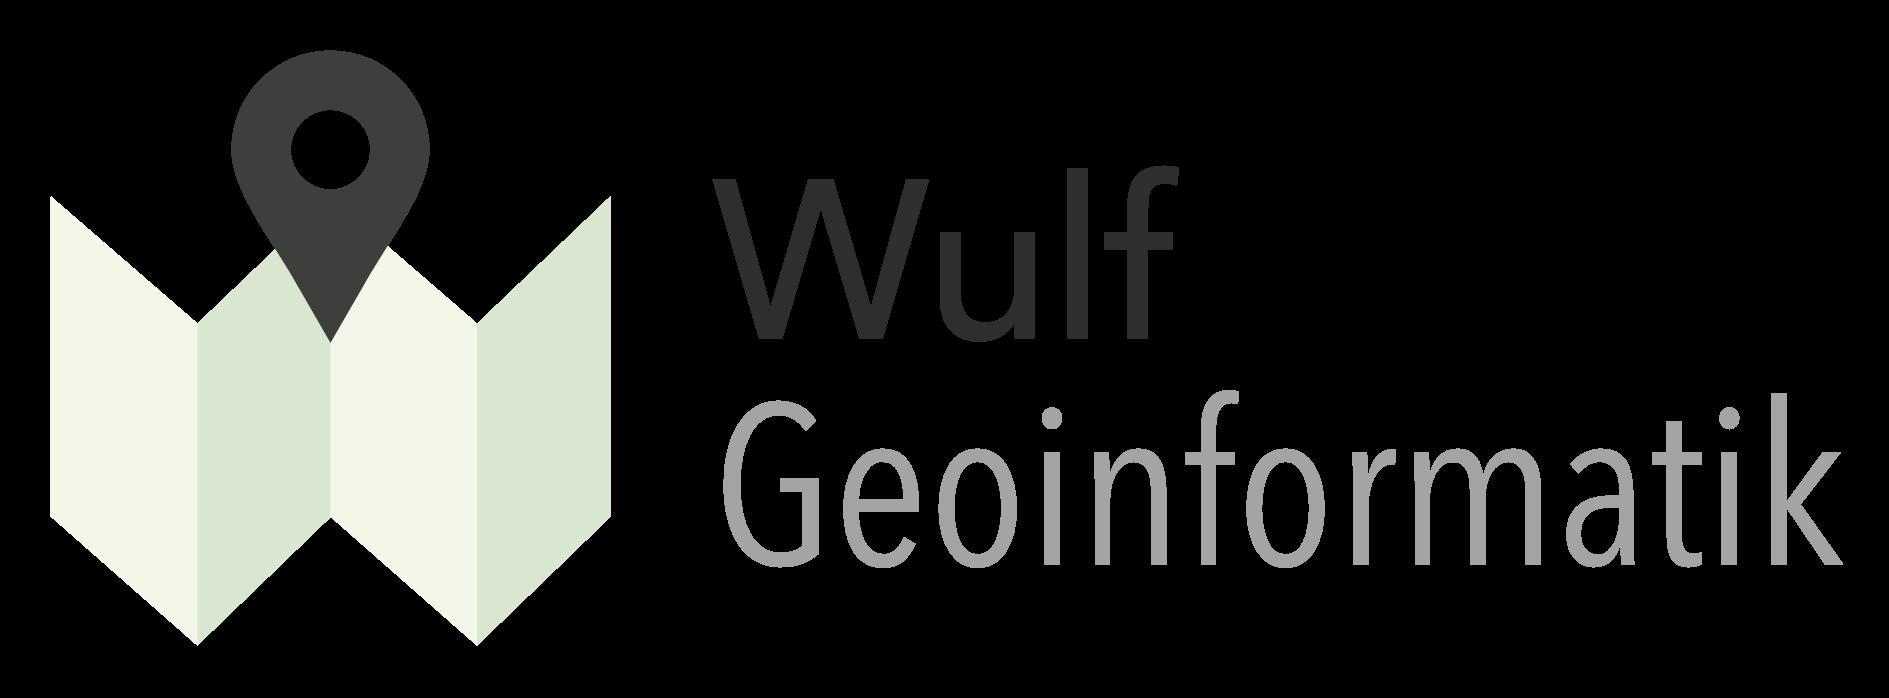 Wulf Geoinformatik